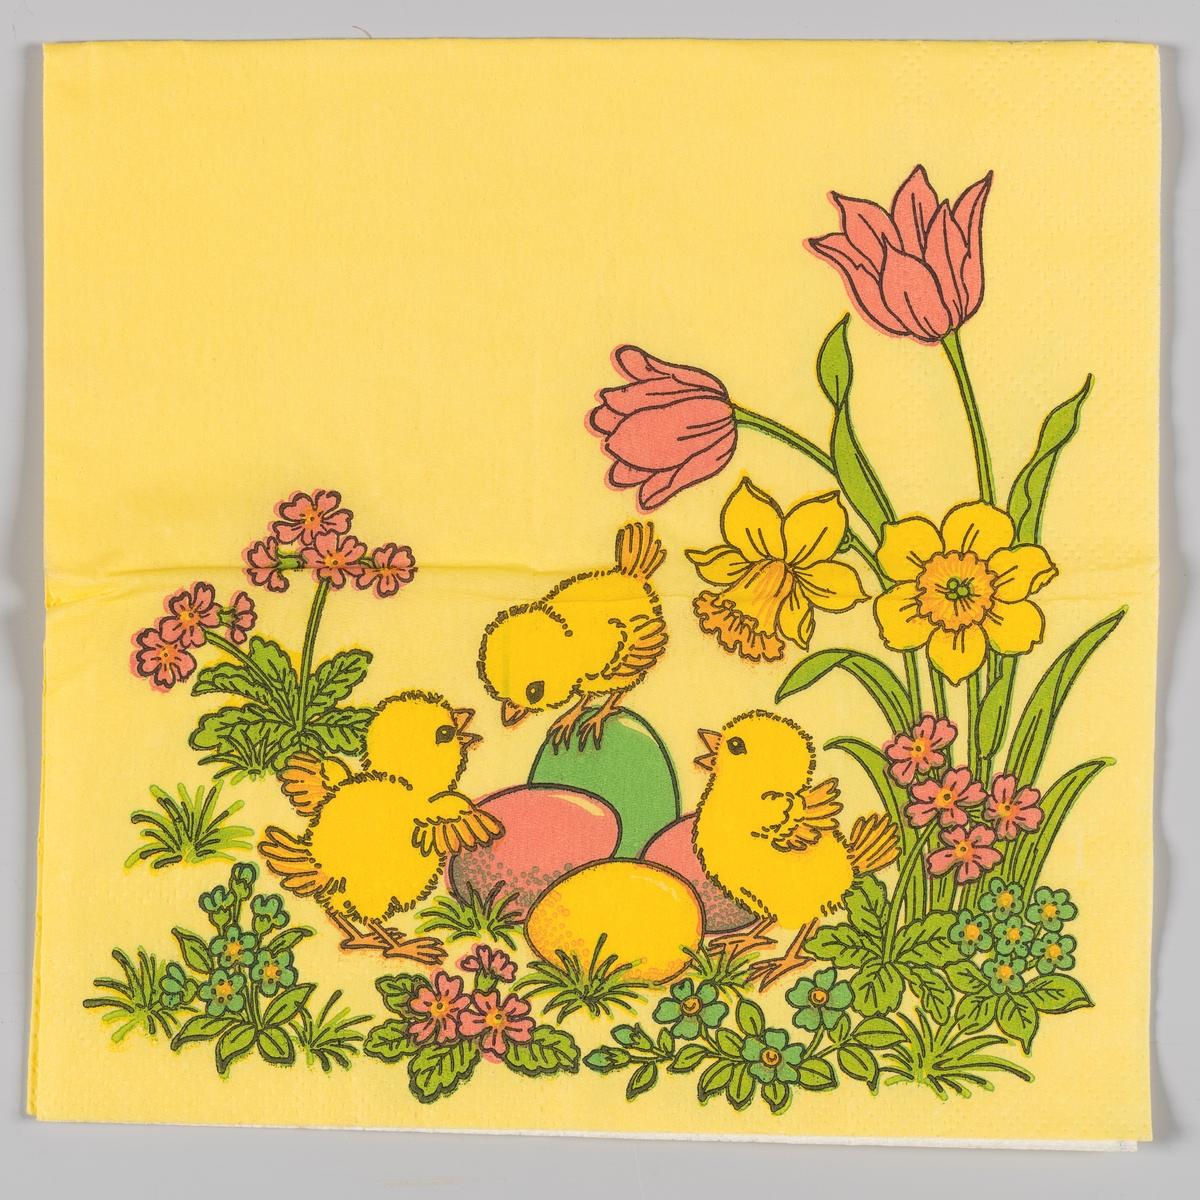 Tre kyllinger og kulørte påskeegg mellom tulipaner, påskeliljer og små blomster.